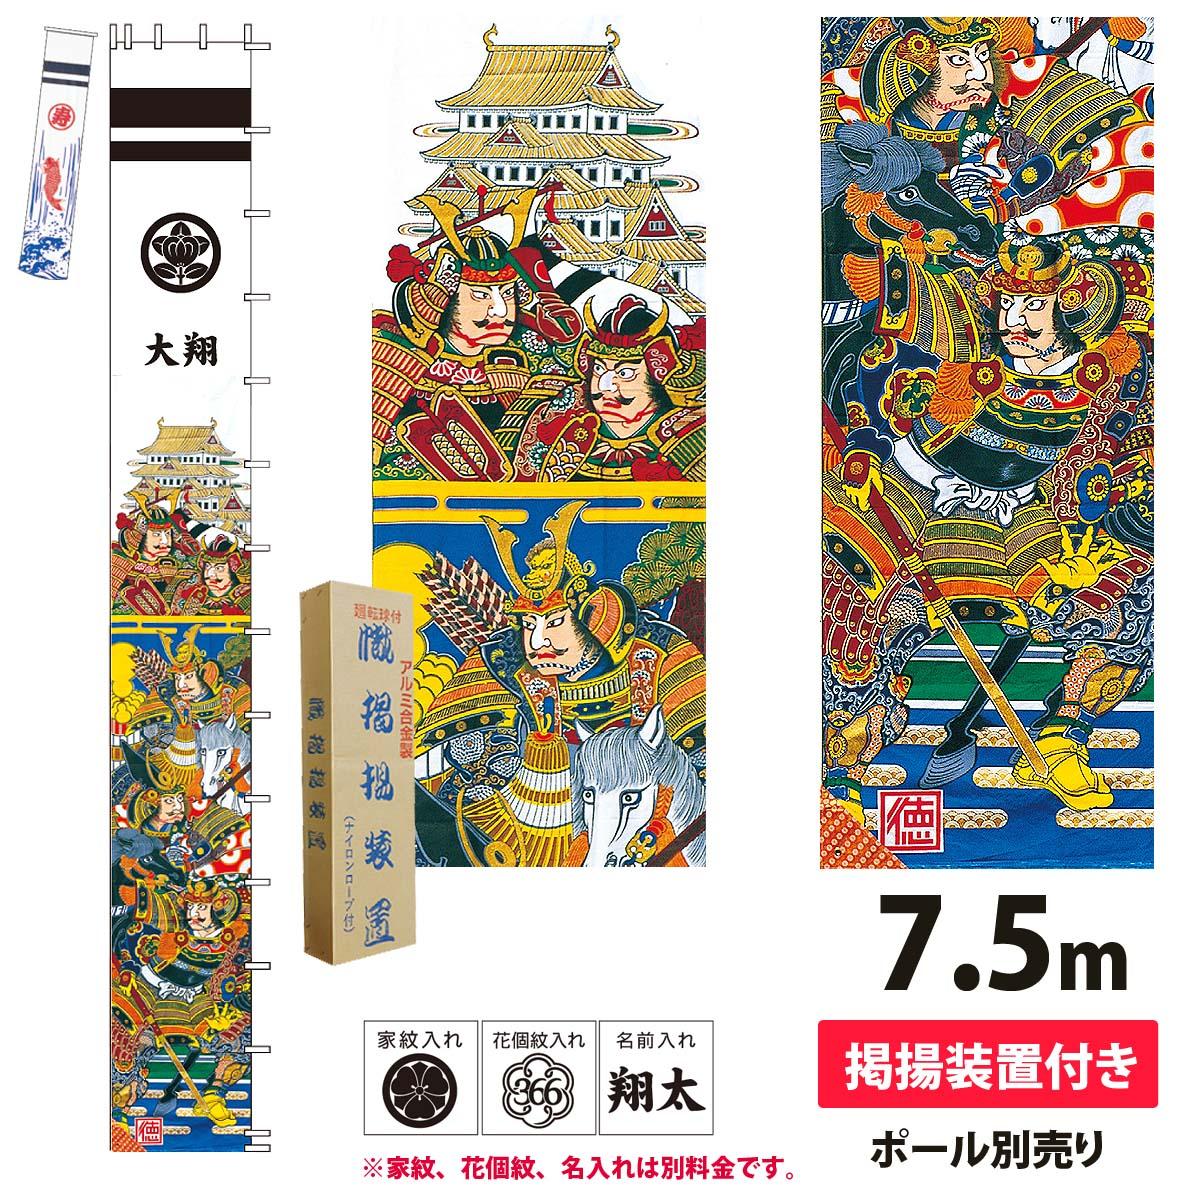 節句幟 庭用 ゴールド 太閤秀吉セット 7.5m×幅90cm 掲揚装置付徳永鯉のぼり 2020NEW NOT-O-150-463